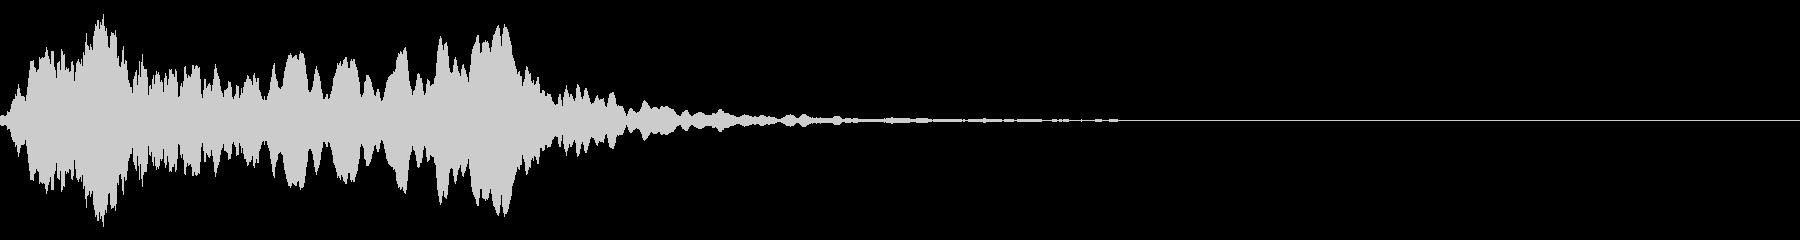 尺八の和風なインパクトジングル! 04の未再生の波形